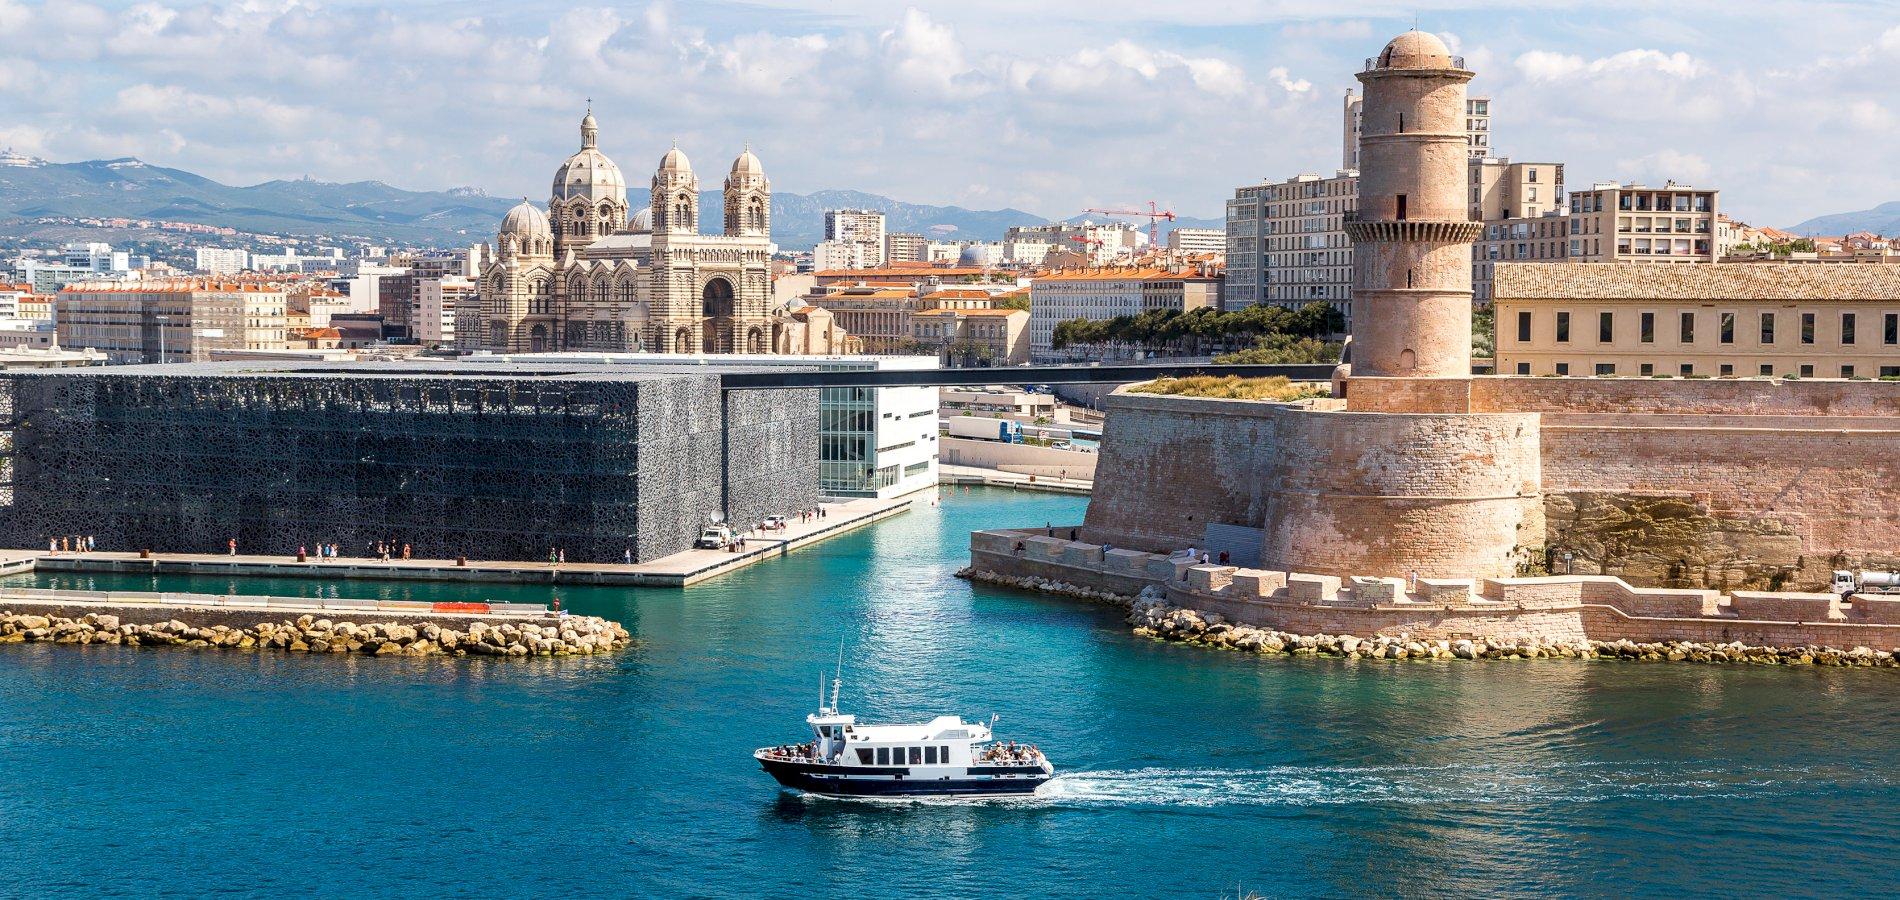 Ophorus Tours - Marseille & Aix en Provence Private Shore Excursion From Sanary sur Mer